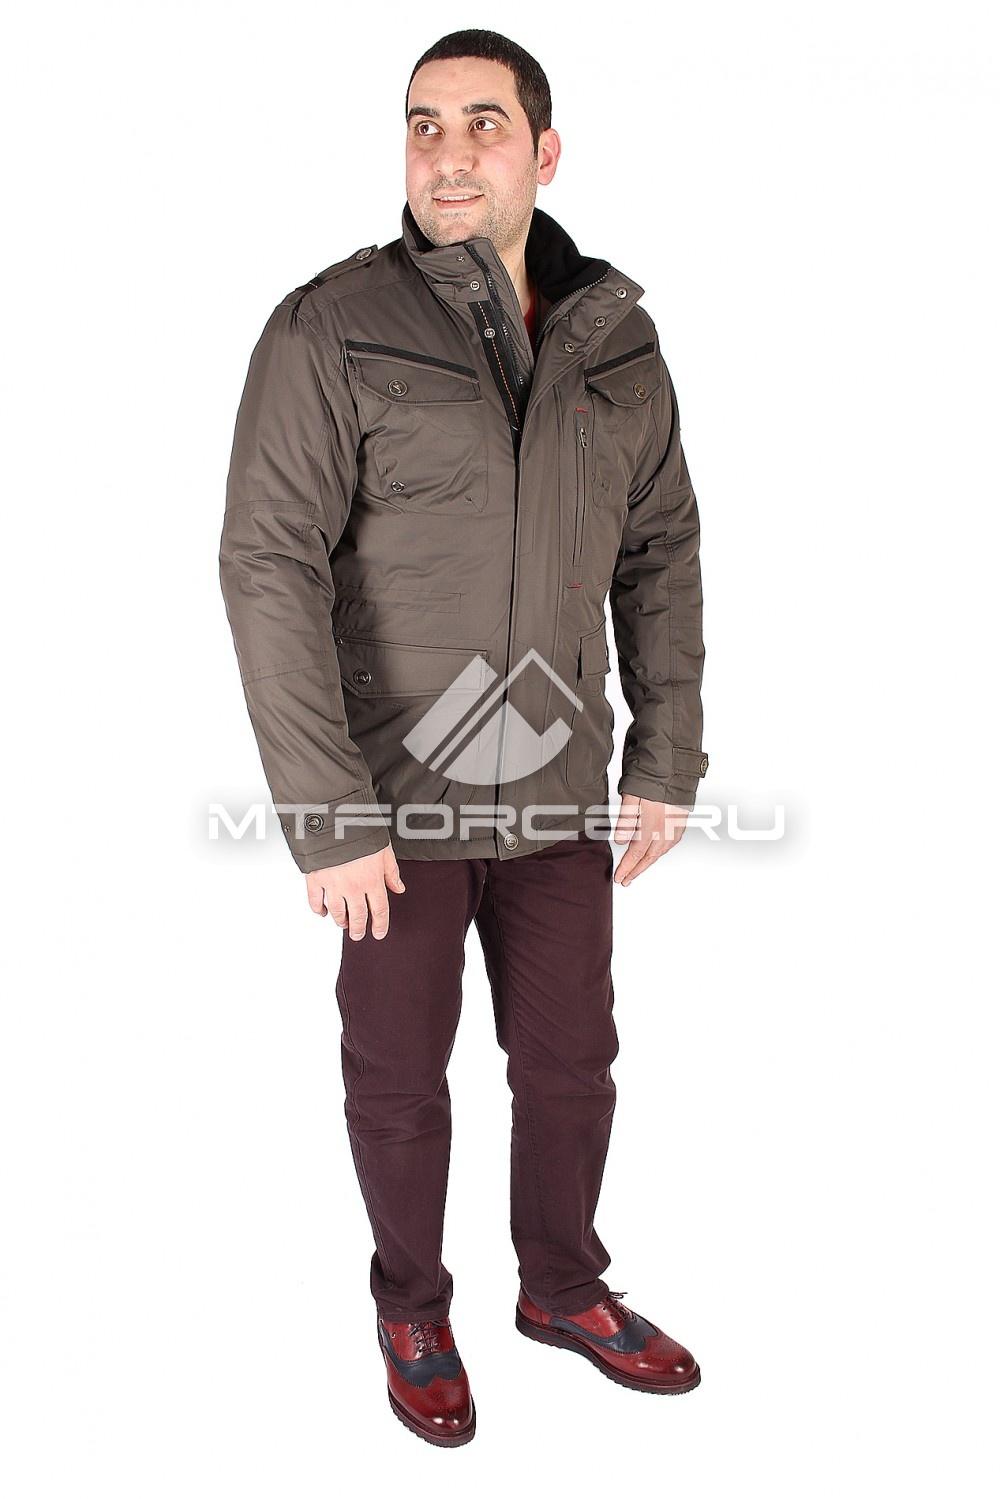 Купить                                  оптом Куртка классическая мужская цвета хаки 1601Kh в Санкт-Петербурге